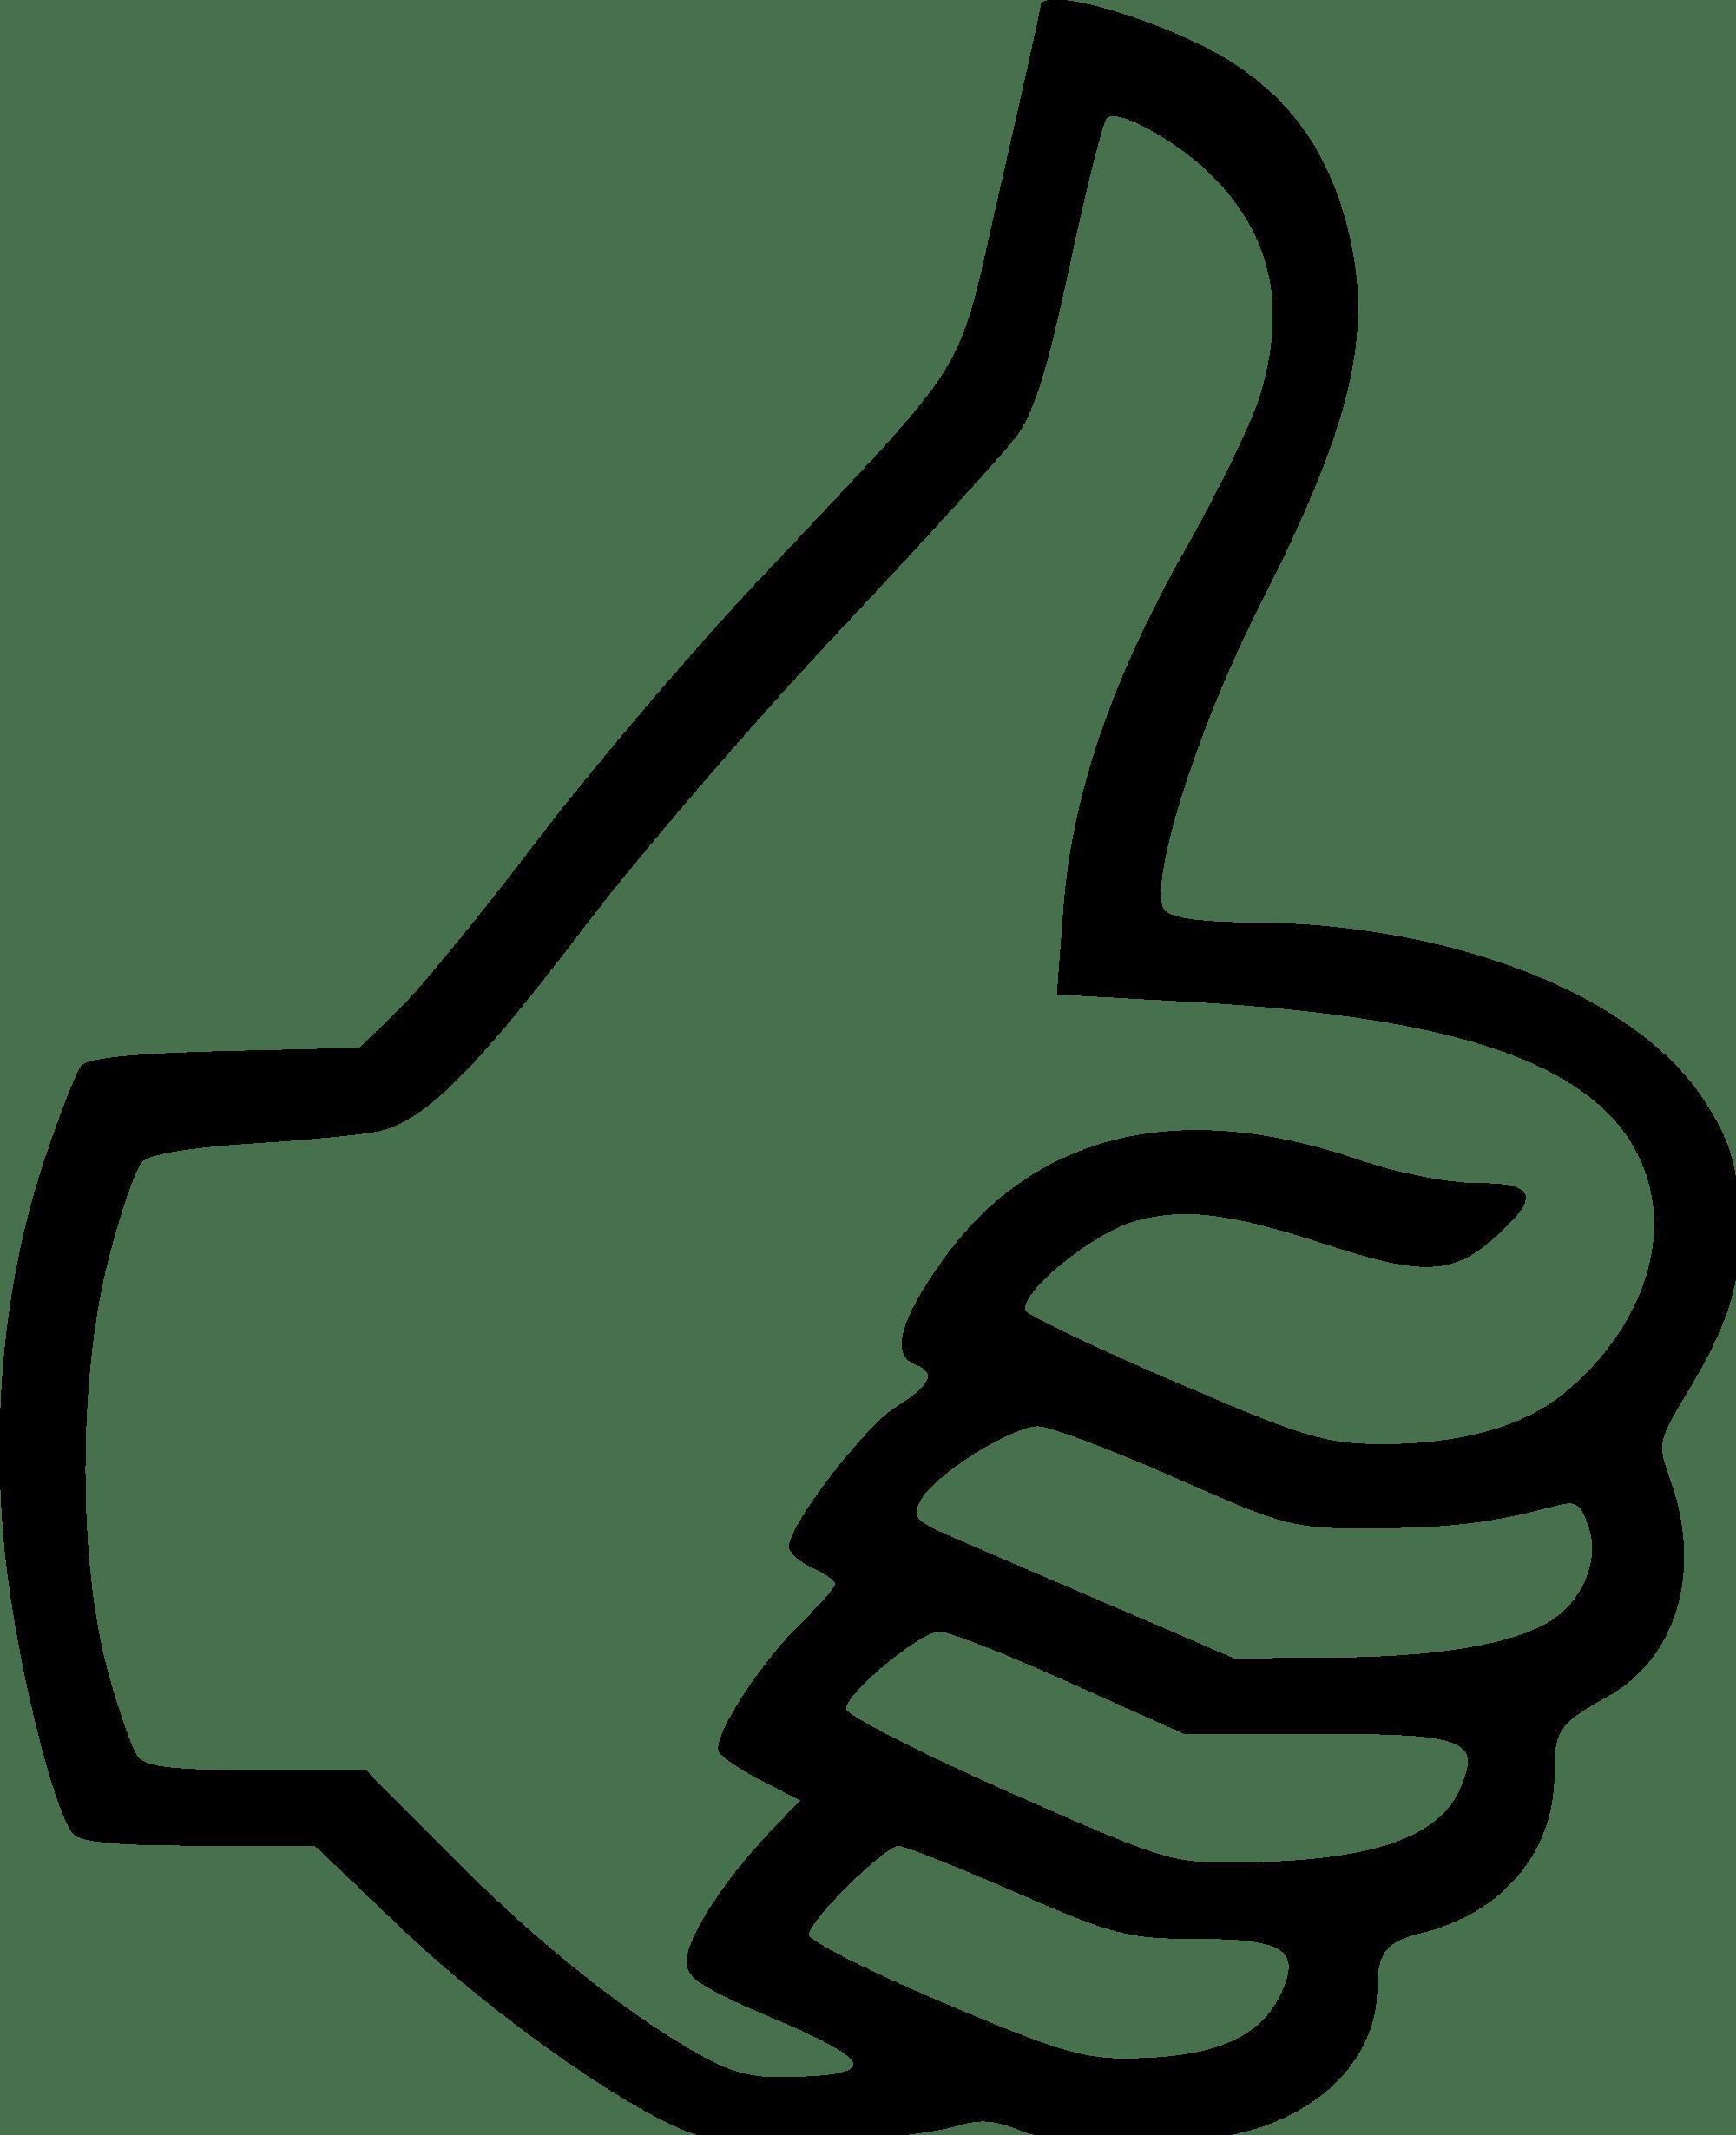 Thumbs Up Transparent